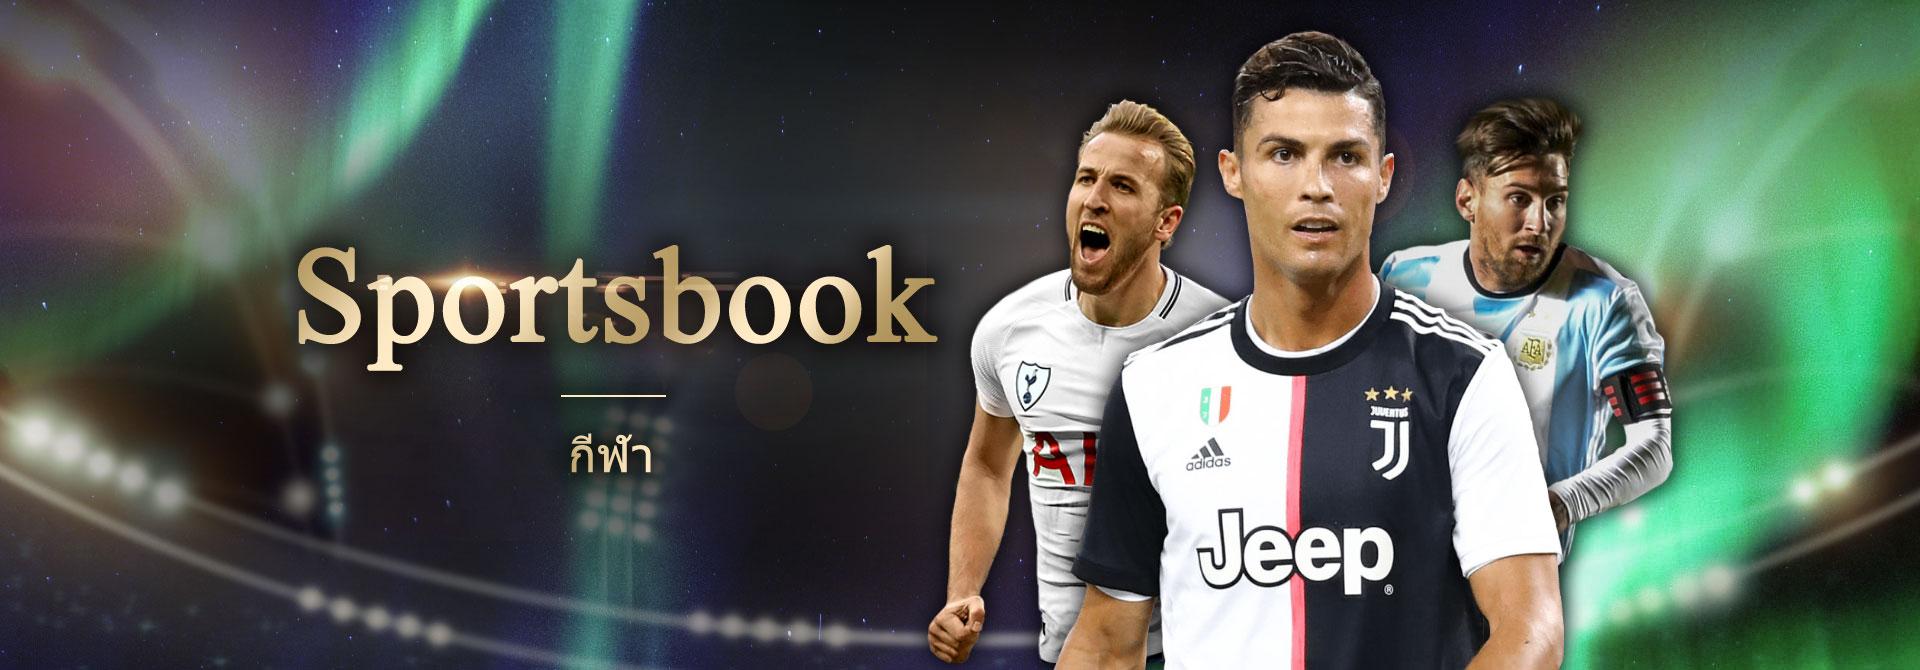 SBOBET | Situs Judi Bola Terpercaya & Daftar Bola Terbaik